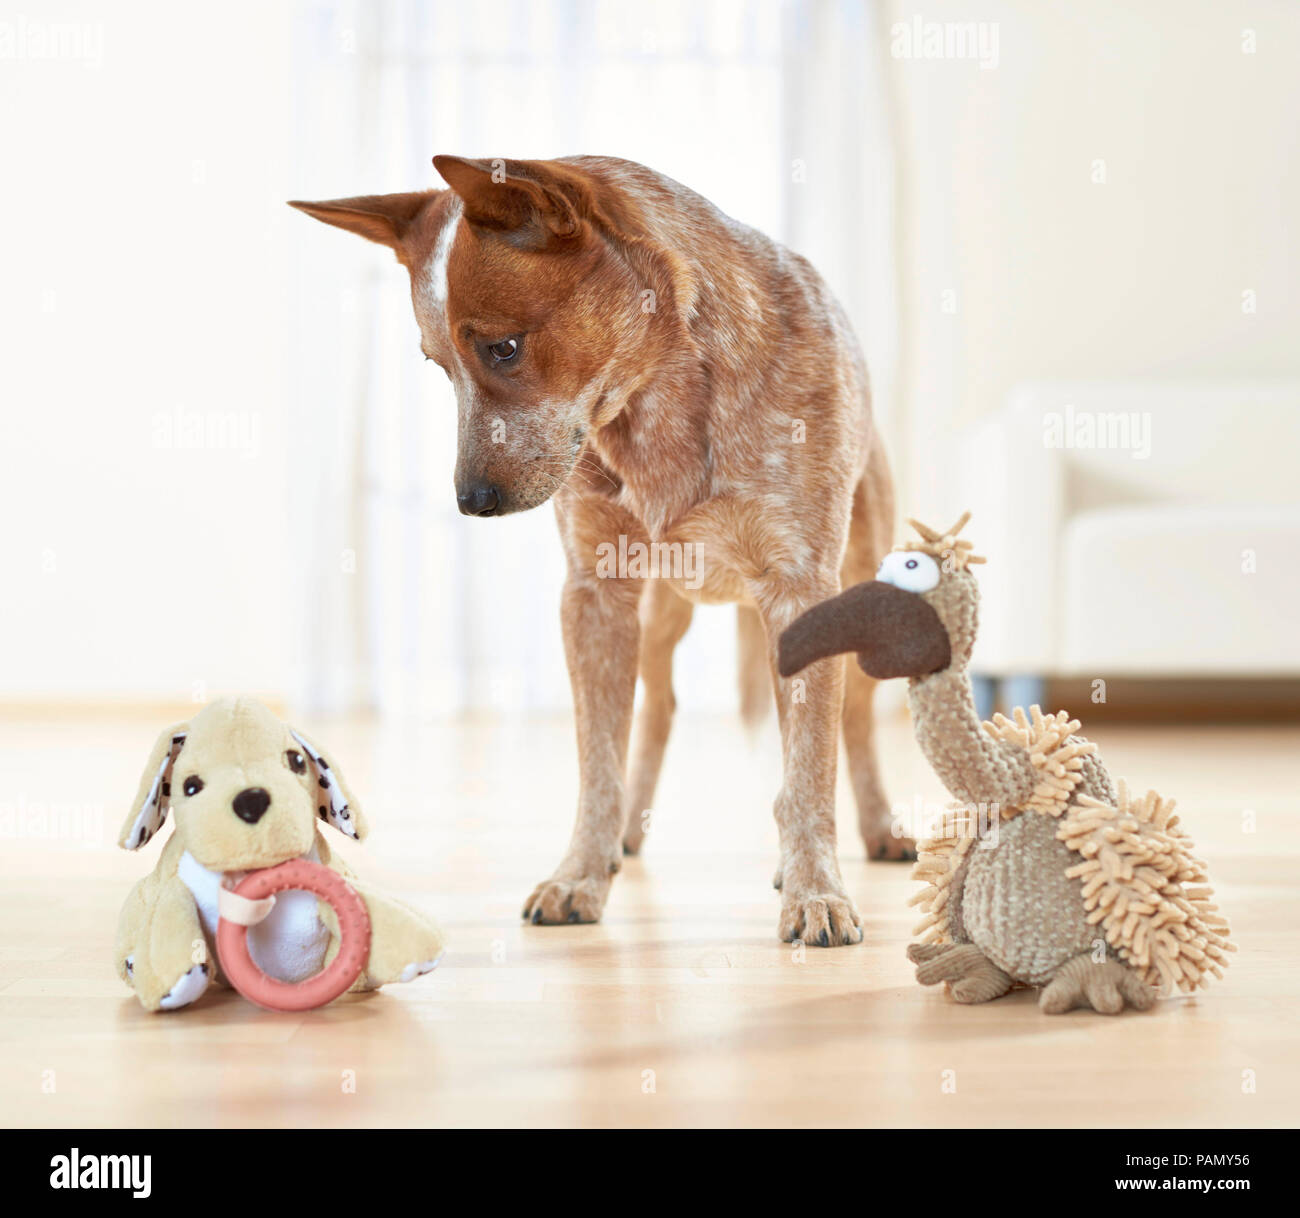 Australian Cattle Dog. Des profils soupçonneusement examine deux peluches. L'Allemagne.. Photo Stock